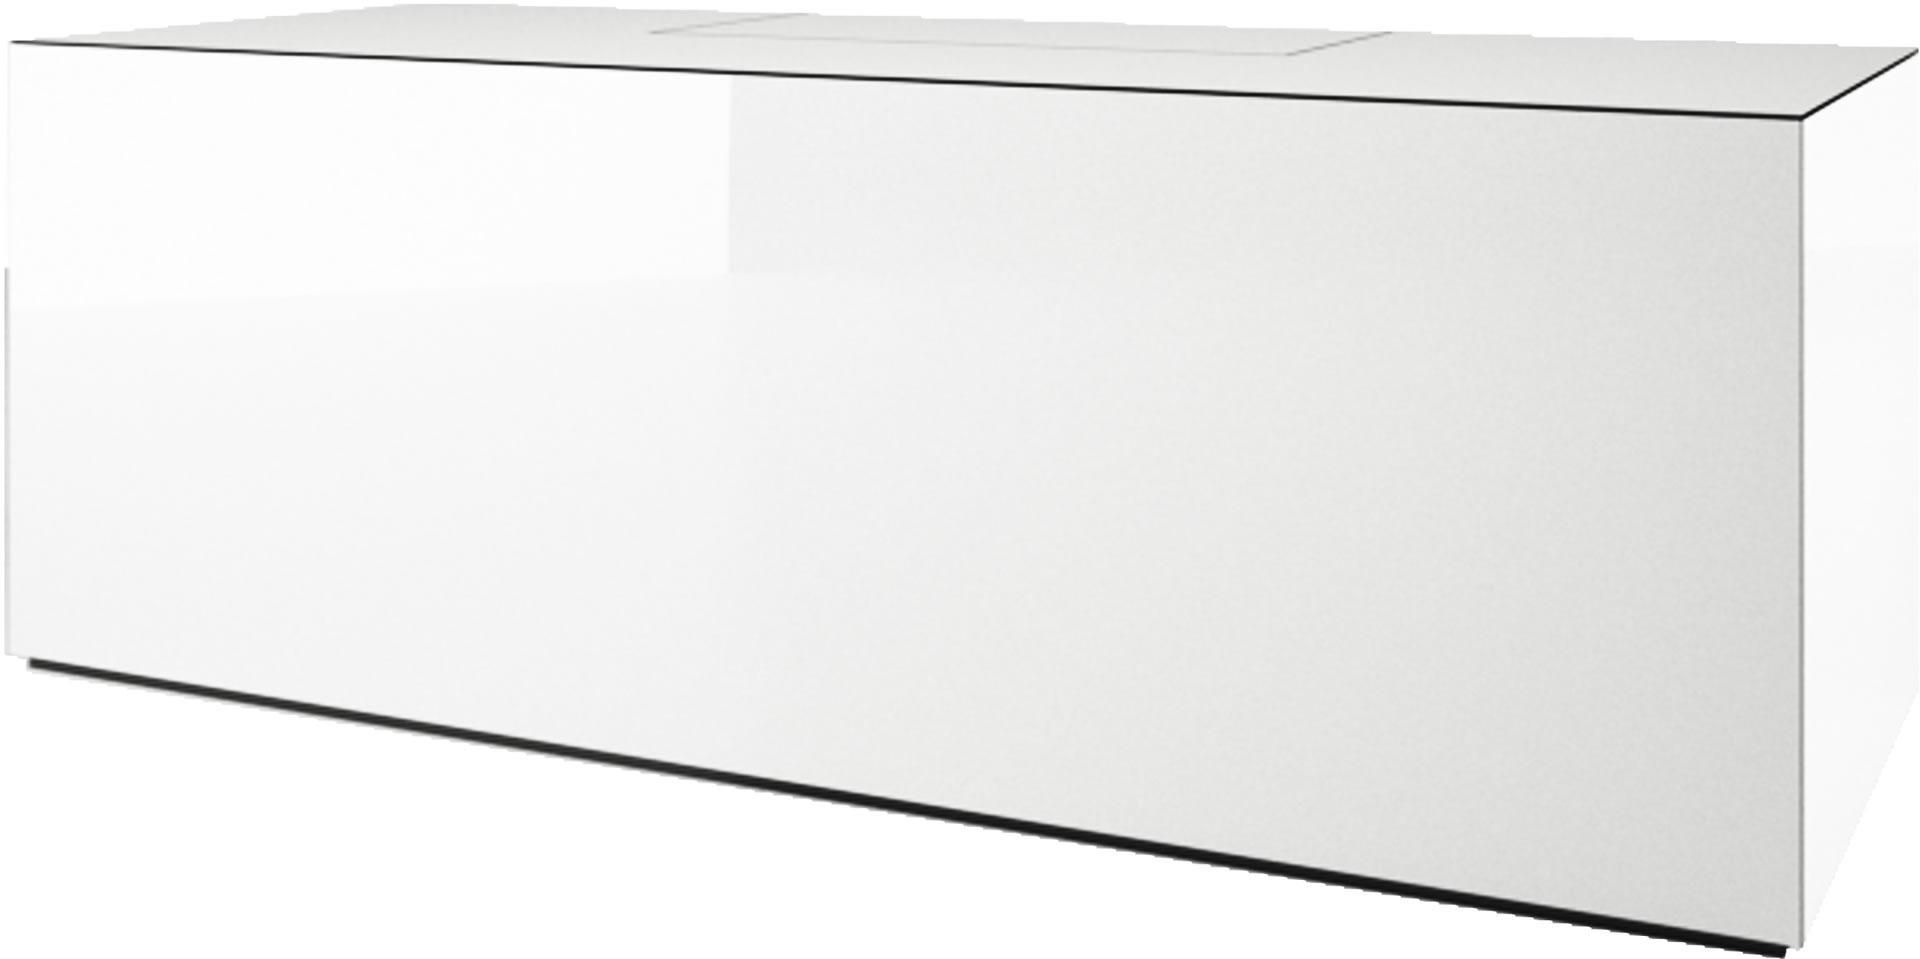 schreibtisch regere moderner design schreibtisch von rechteck. Black Bedroom Furniture Sets. Home Design Ideas